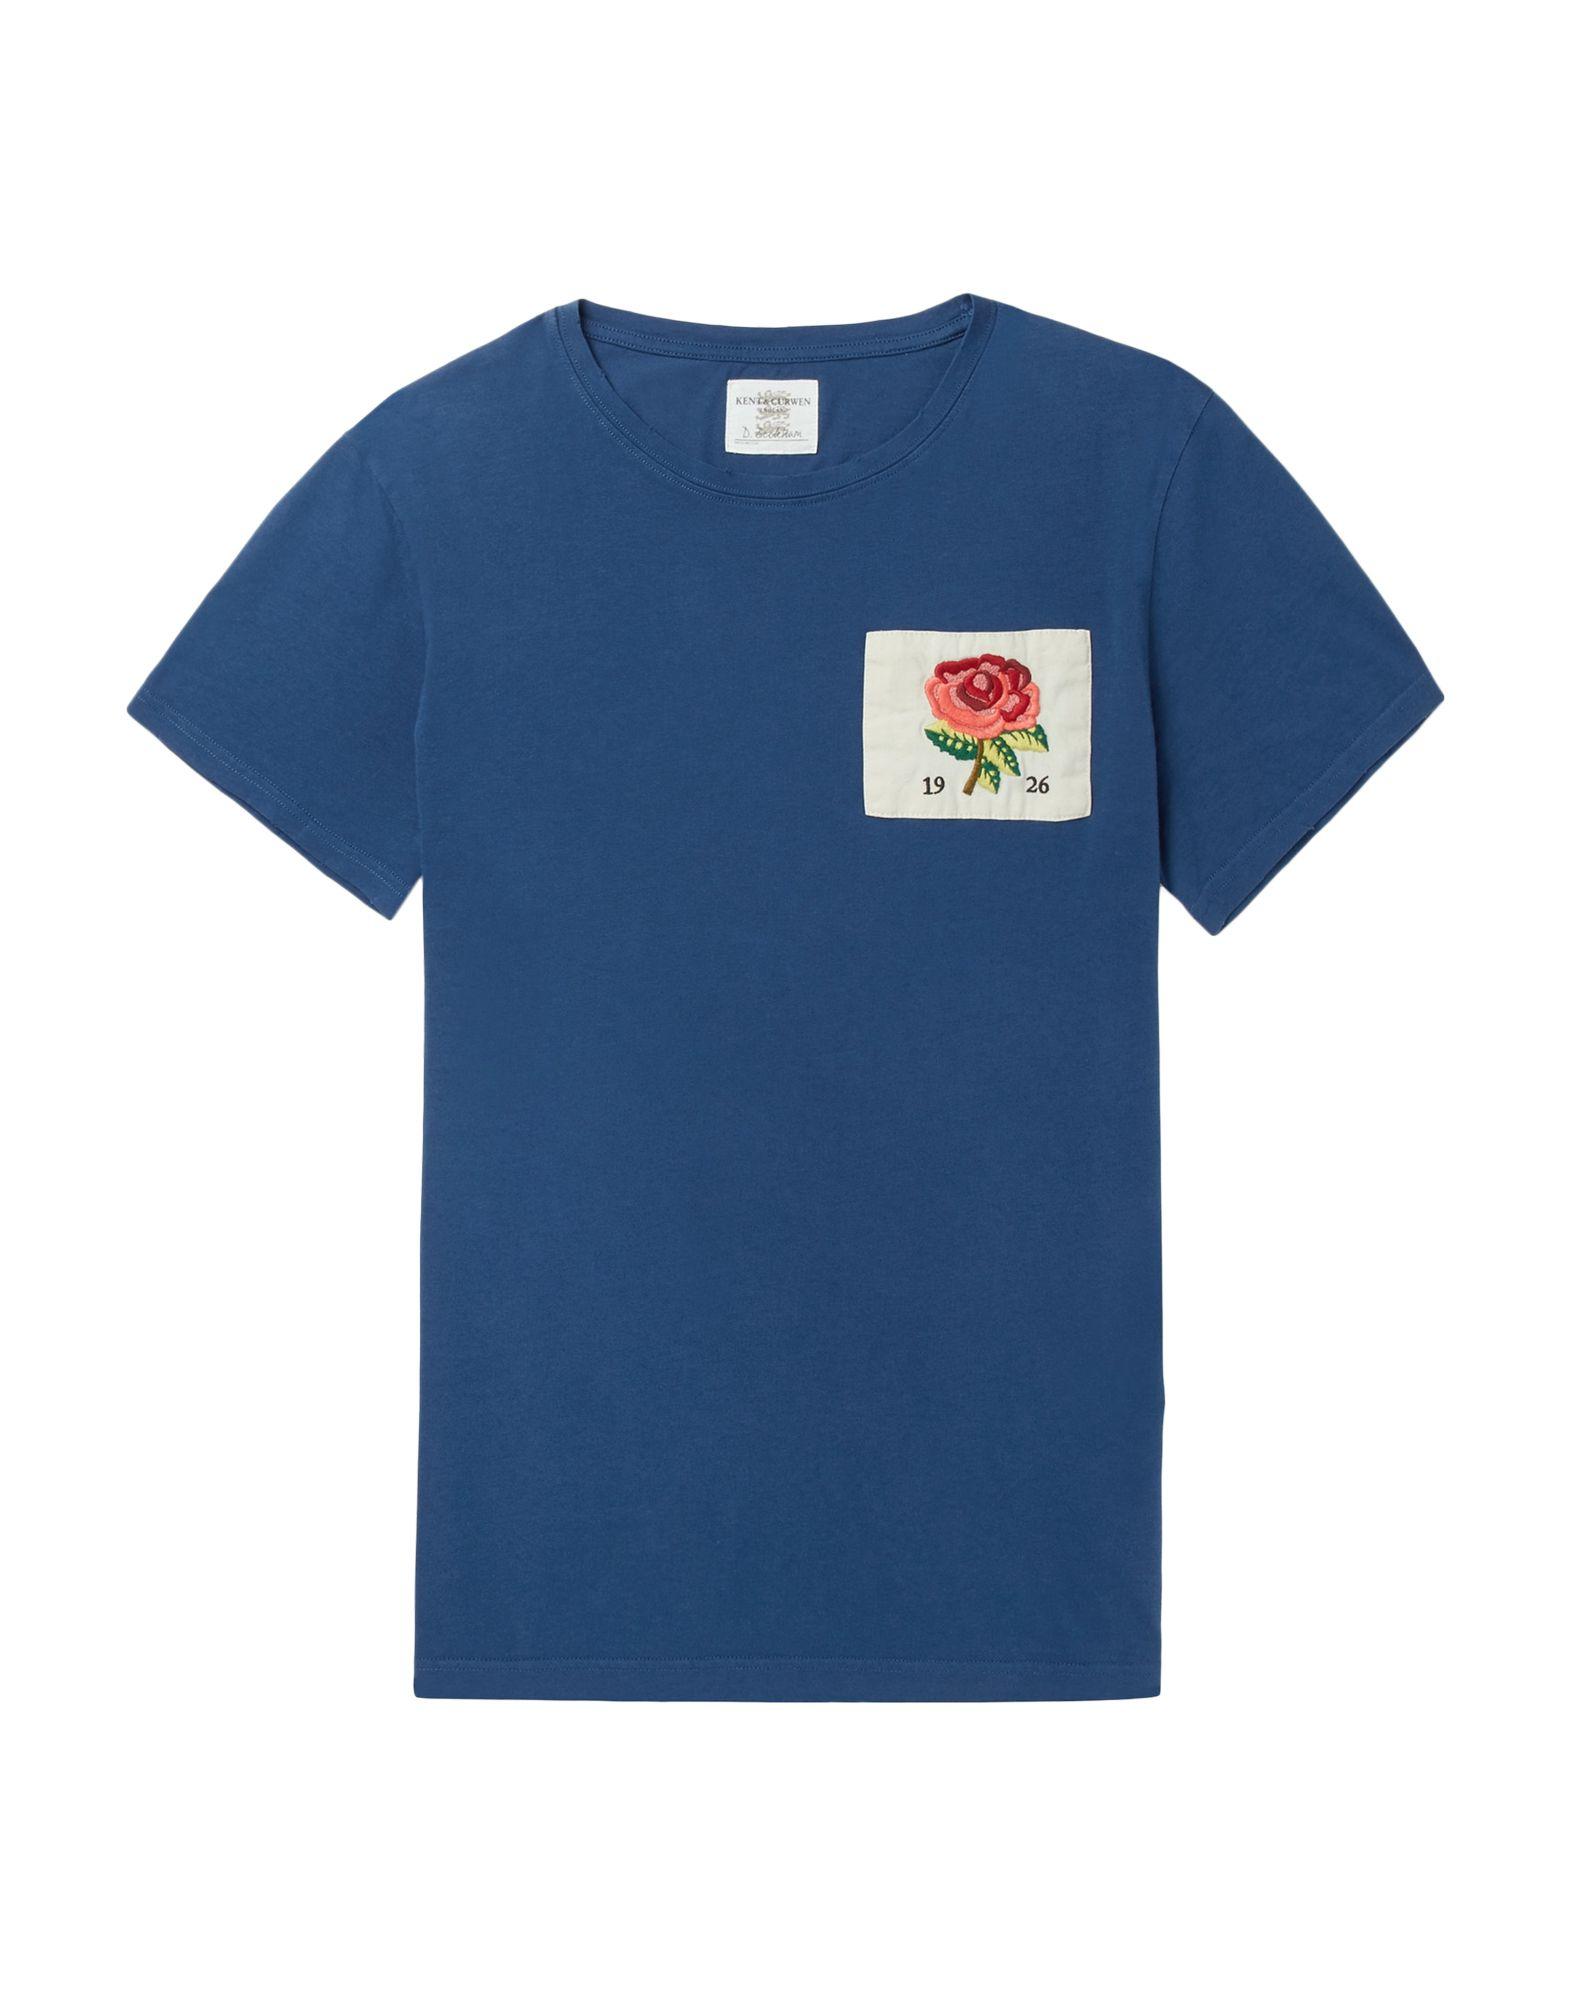 《送料無料》KENT & CURWEN メンズ T シャツ ブルー S コットン 100%